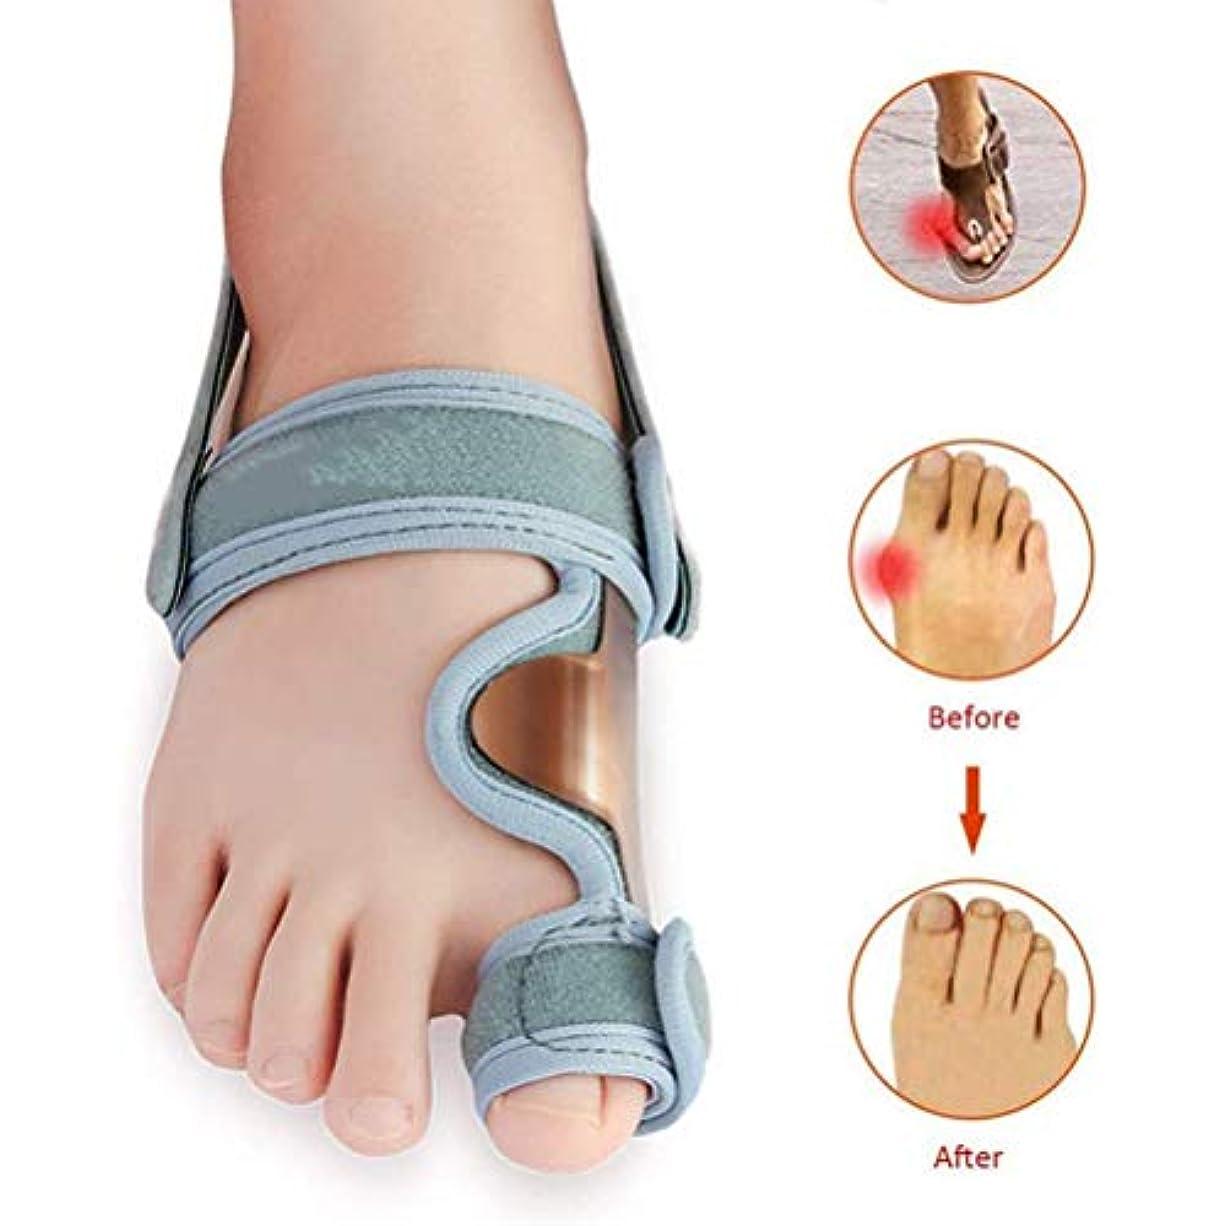 カブリークドナウ川整形外科腱膜瘤コレクター、外反母趾サポートブレーススプリントパッド親指セパレータストレート、女性と男性のための関節炎の痛みパッケージ、 1 個 (そうだね)